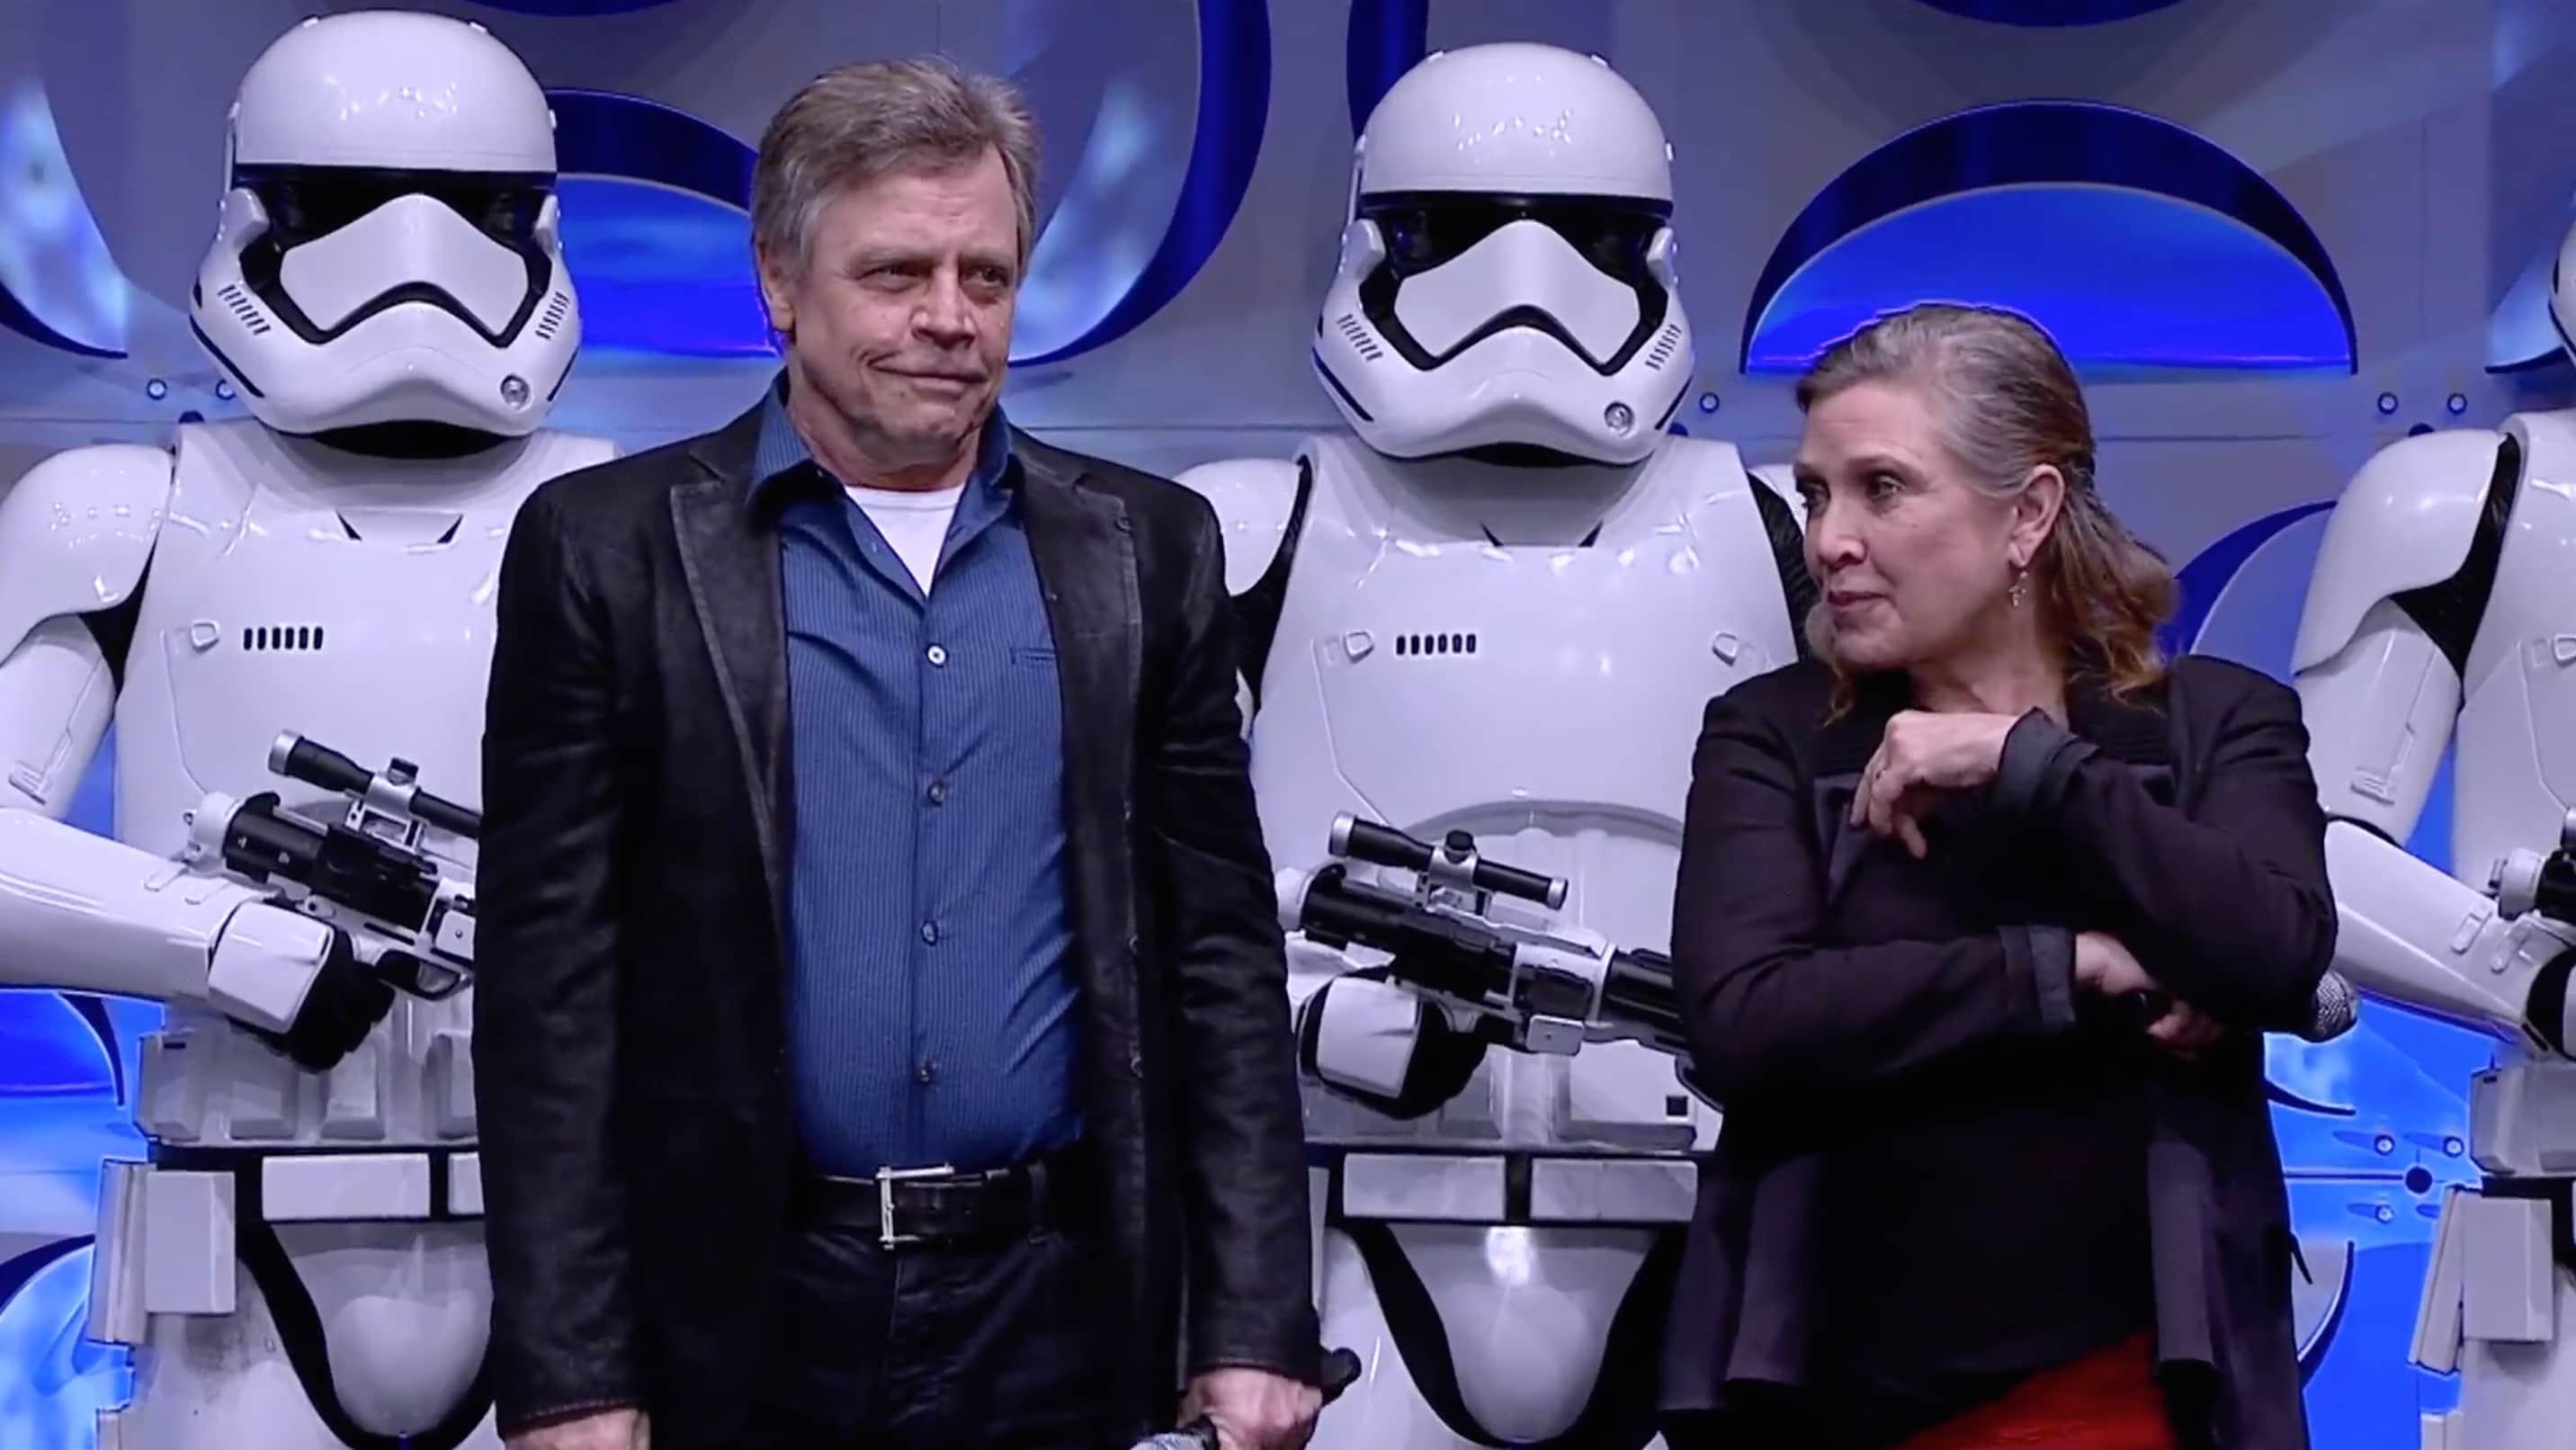 Star Wars 7 Cast – 3